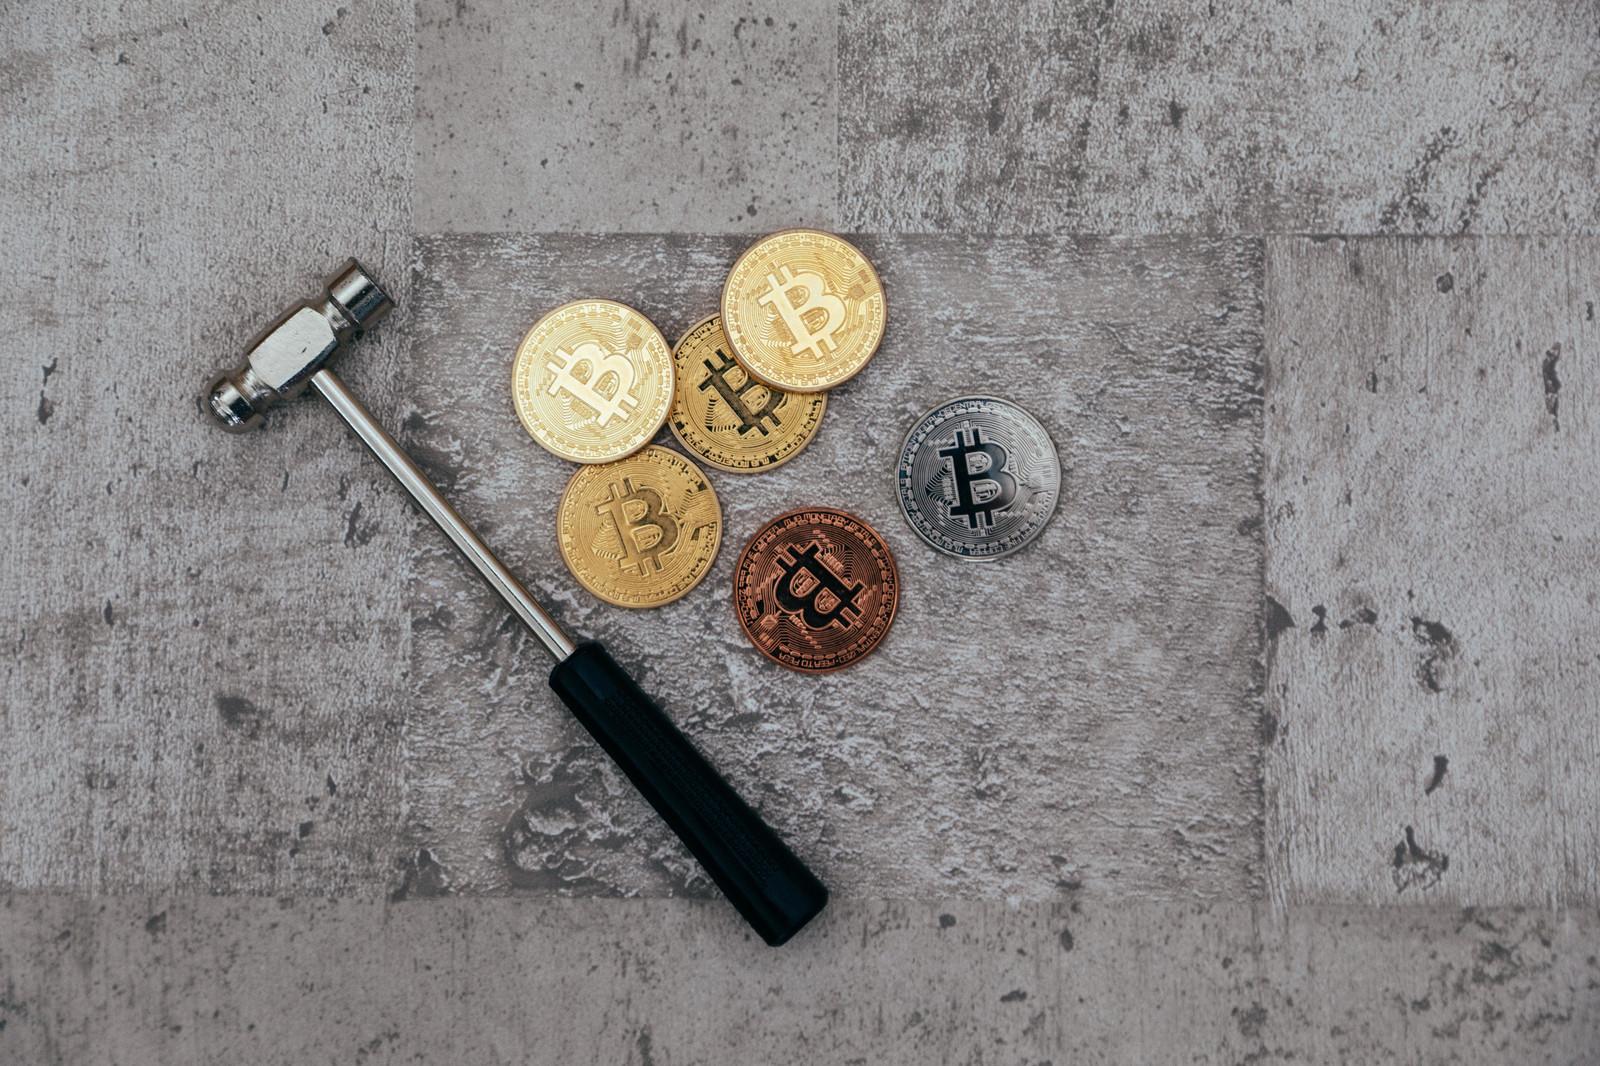 モナーコインのマイニングのやり方や最新情報、仮想通貨の今後の成長についてのイメージ画像